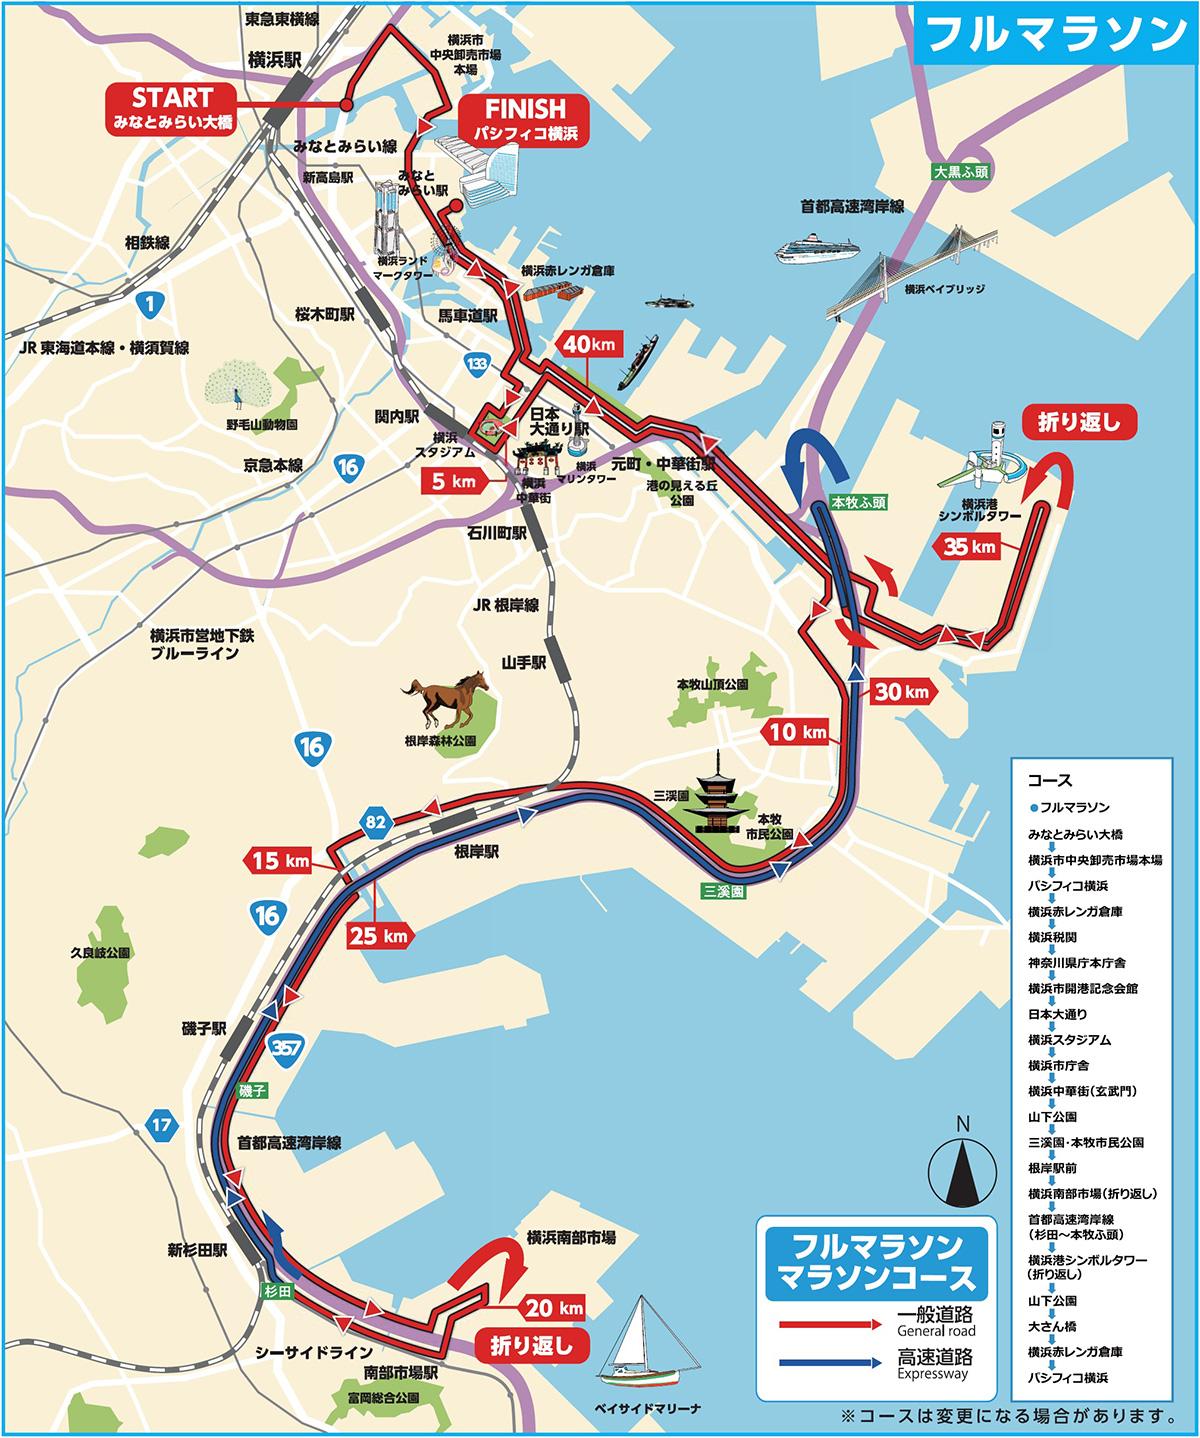 フルマラソン コース